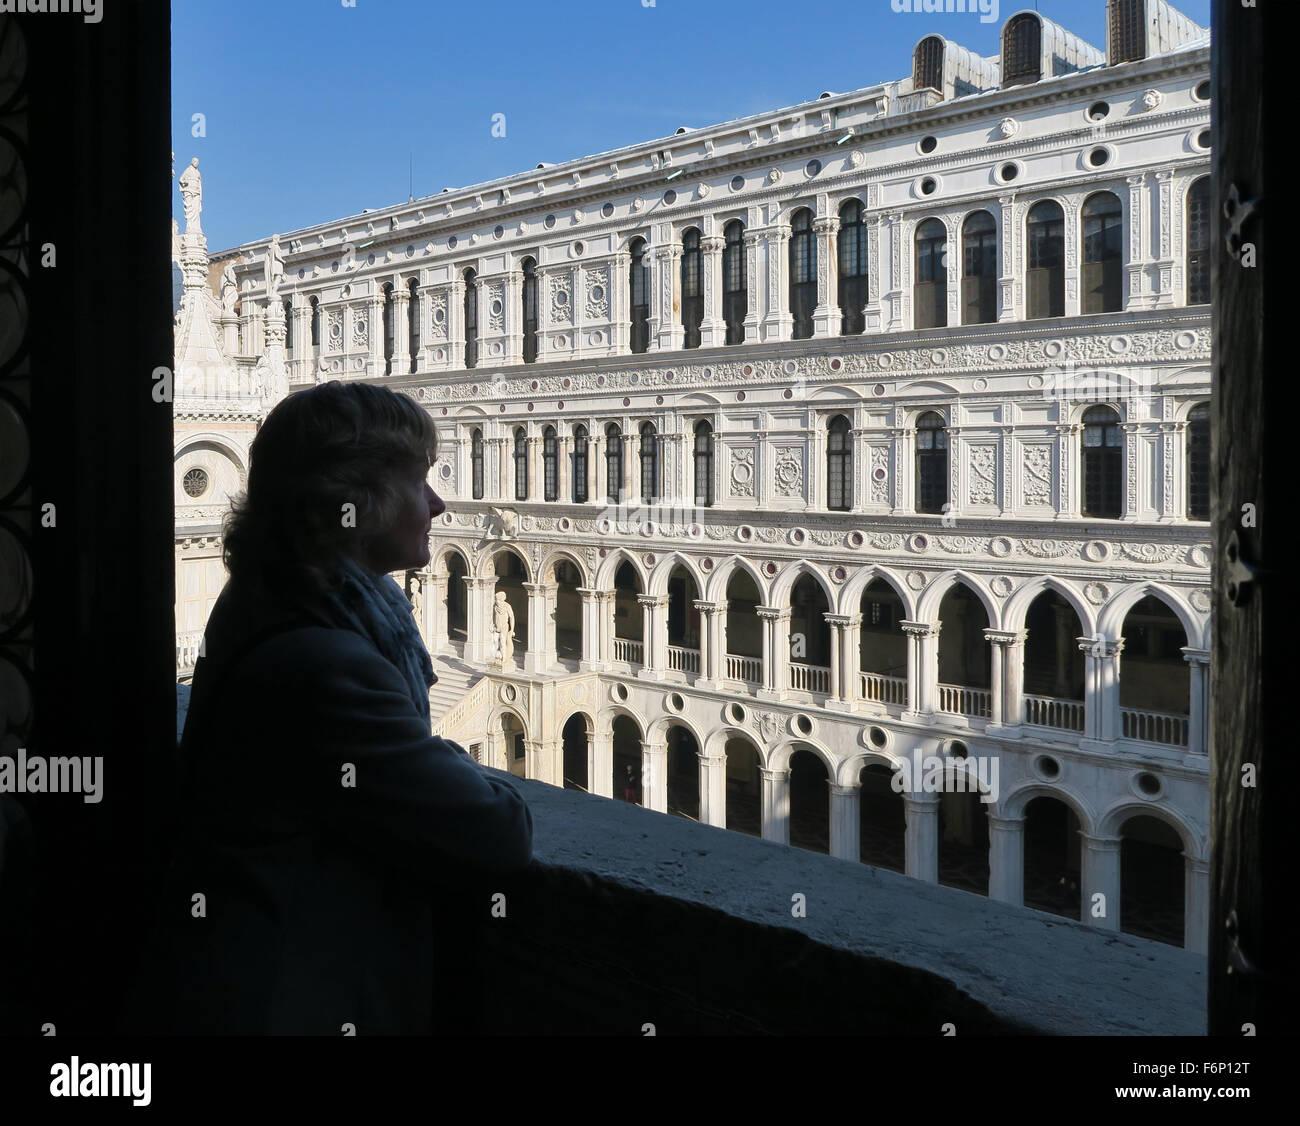 Ver el patio fachada turística en el Palacio Ducal en la Plaza de San Marcos, San Marco, Venecia. Imagen De Stock